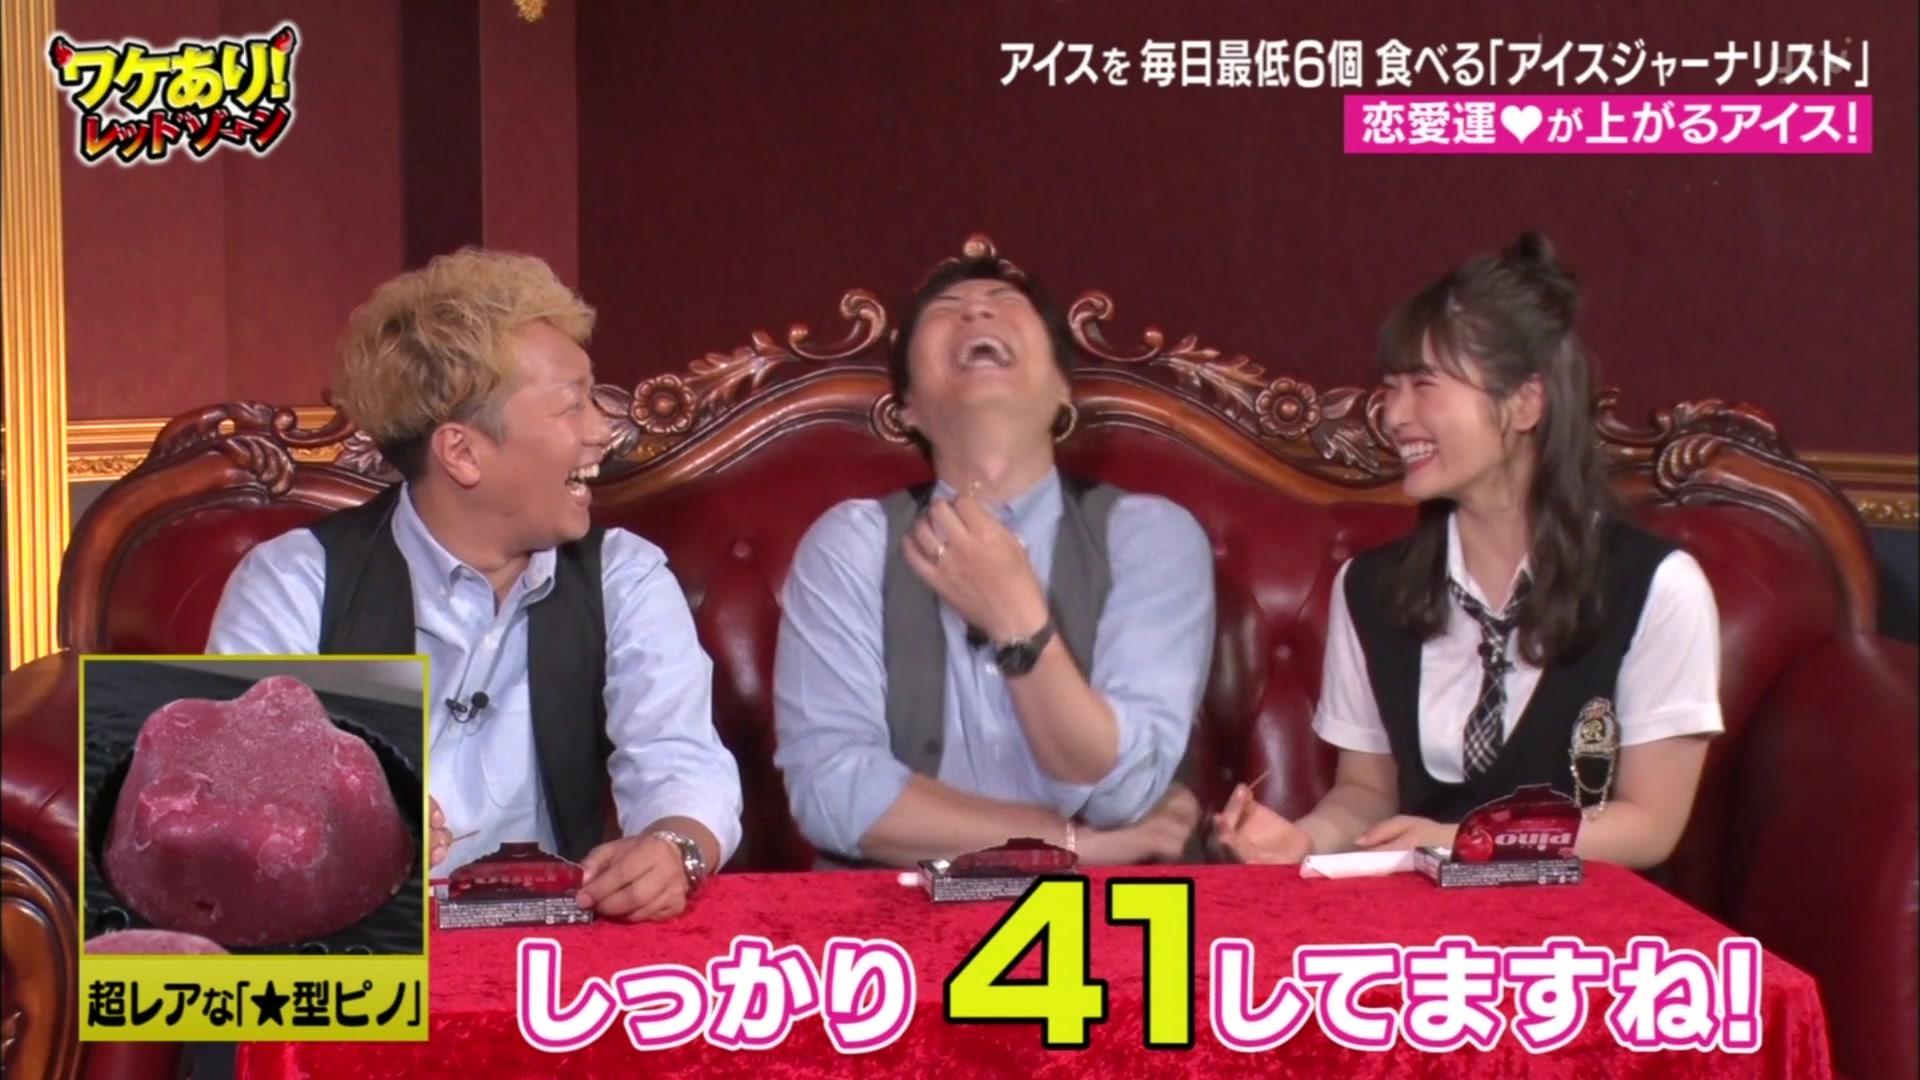 【渋谷凪咲】なぎさ出演7月13日「ワケあり!レッドゾーン」の画像。アイスゾーン1週目